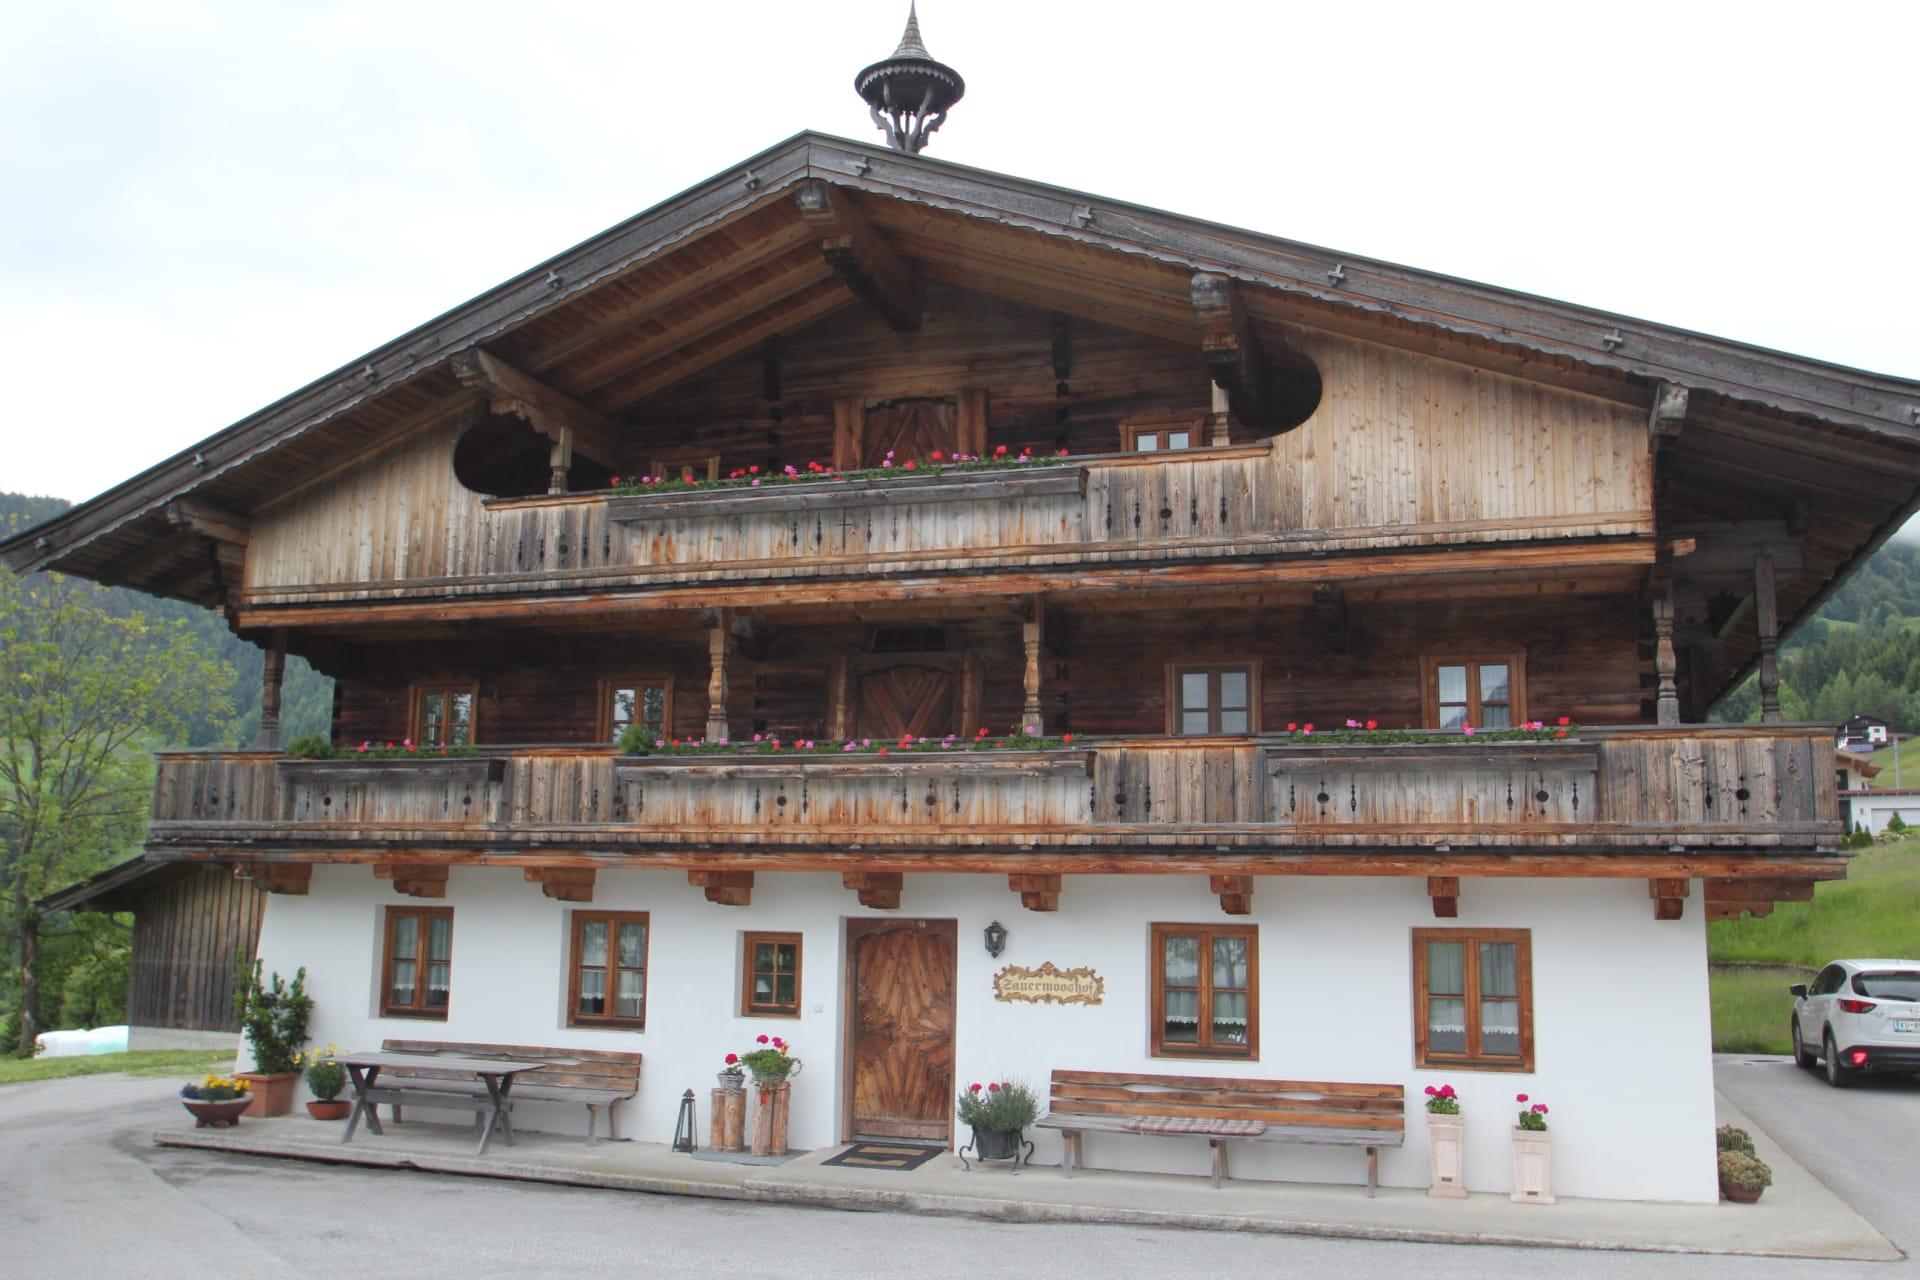 Sauermooshof